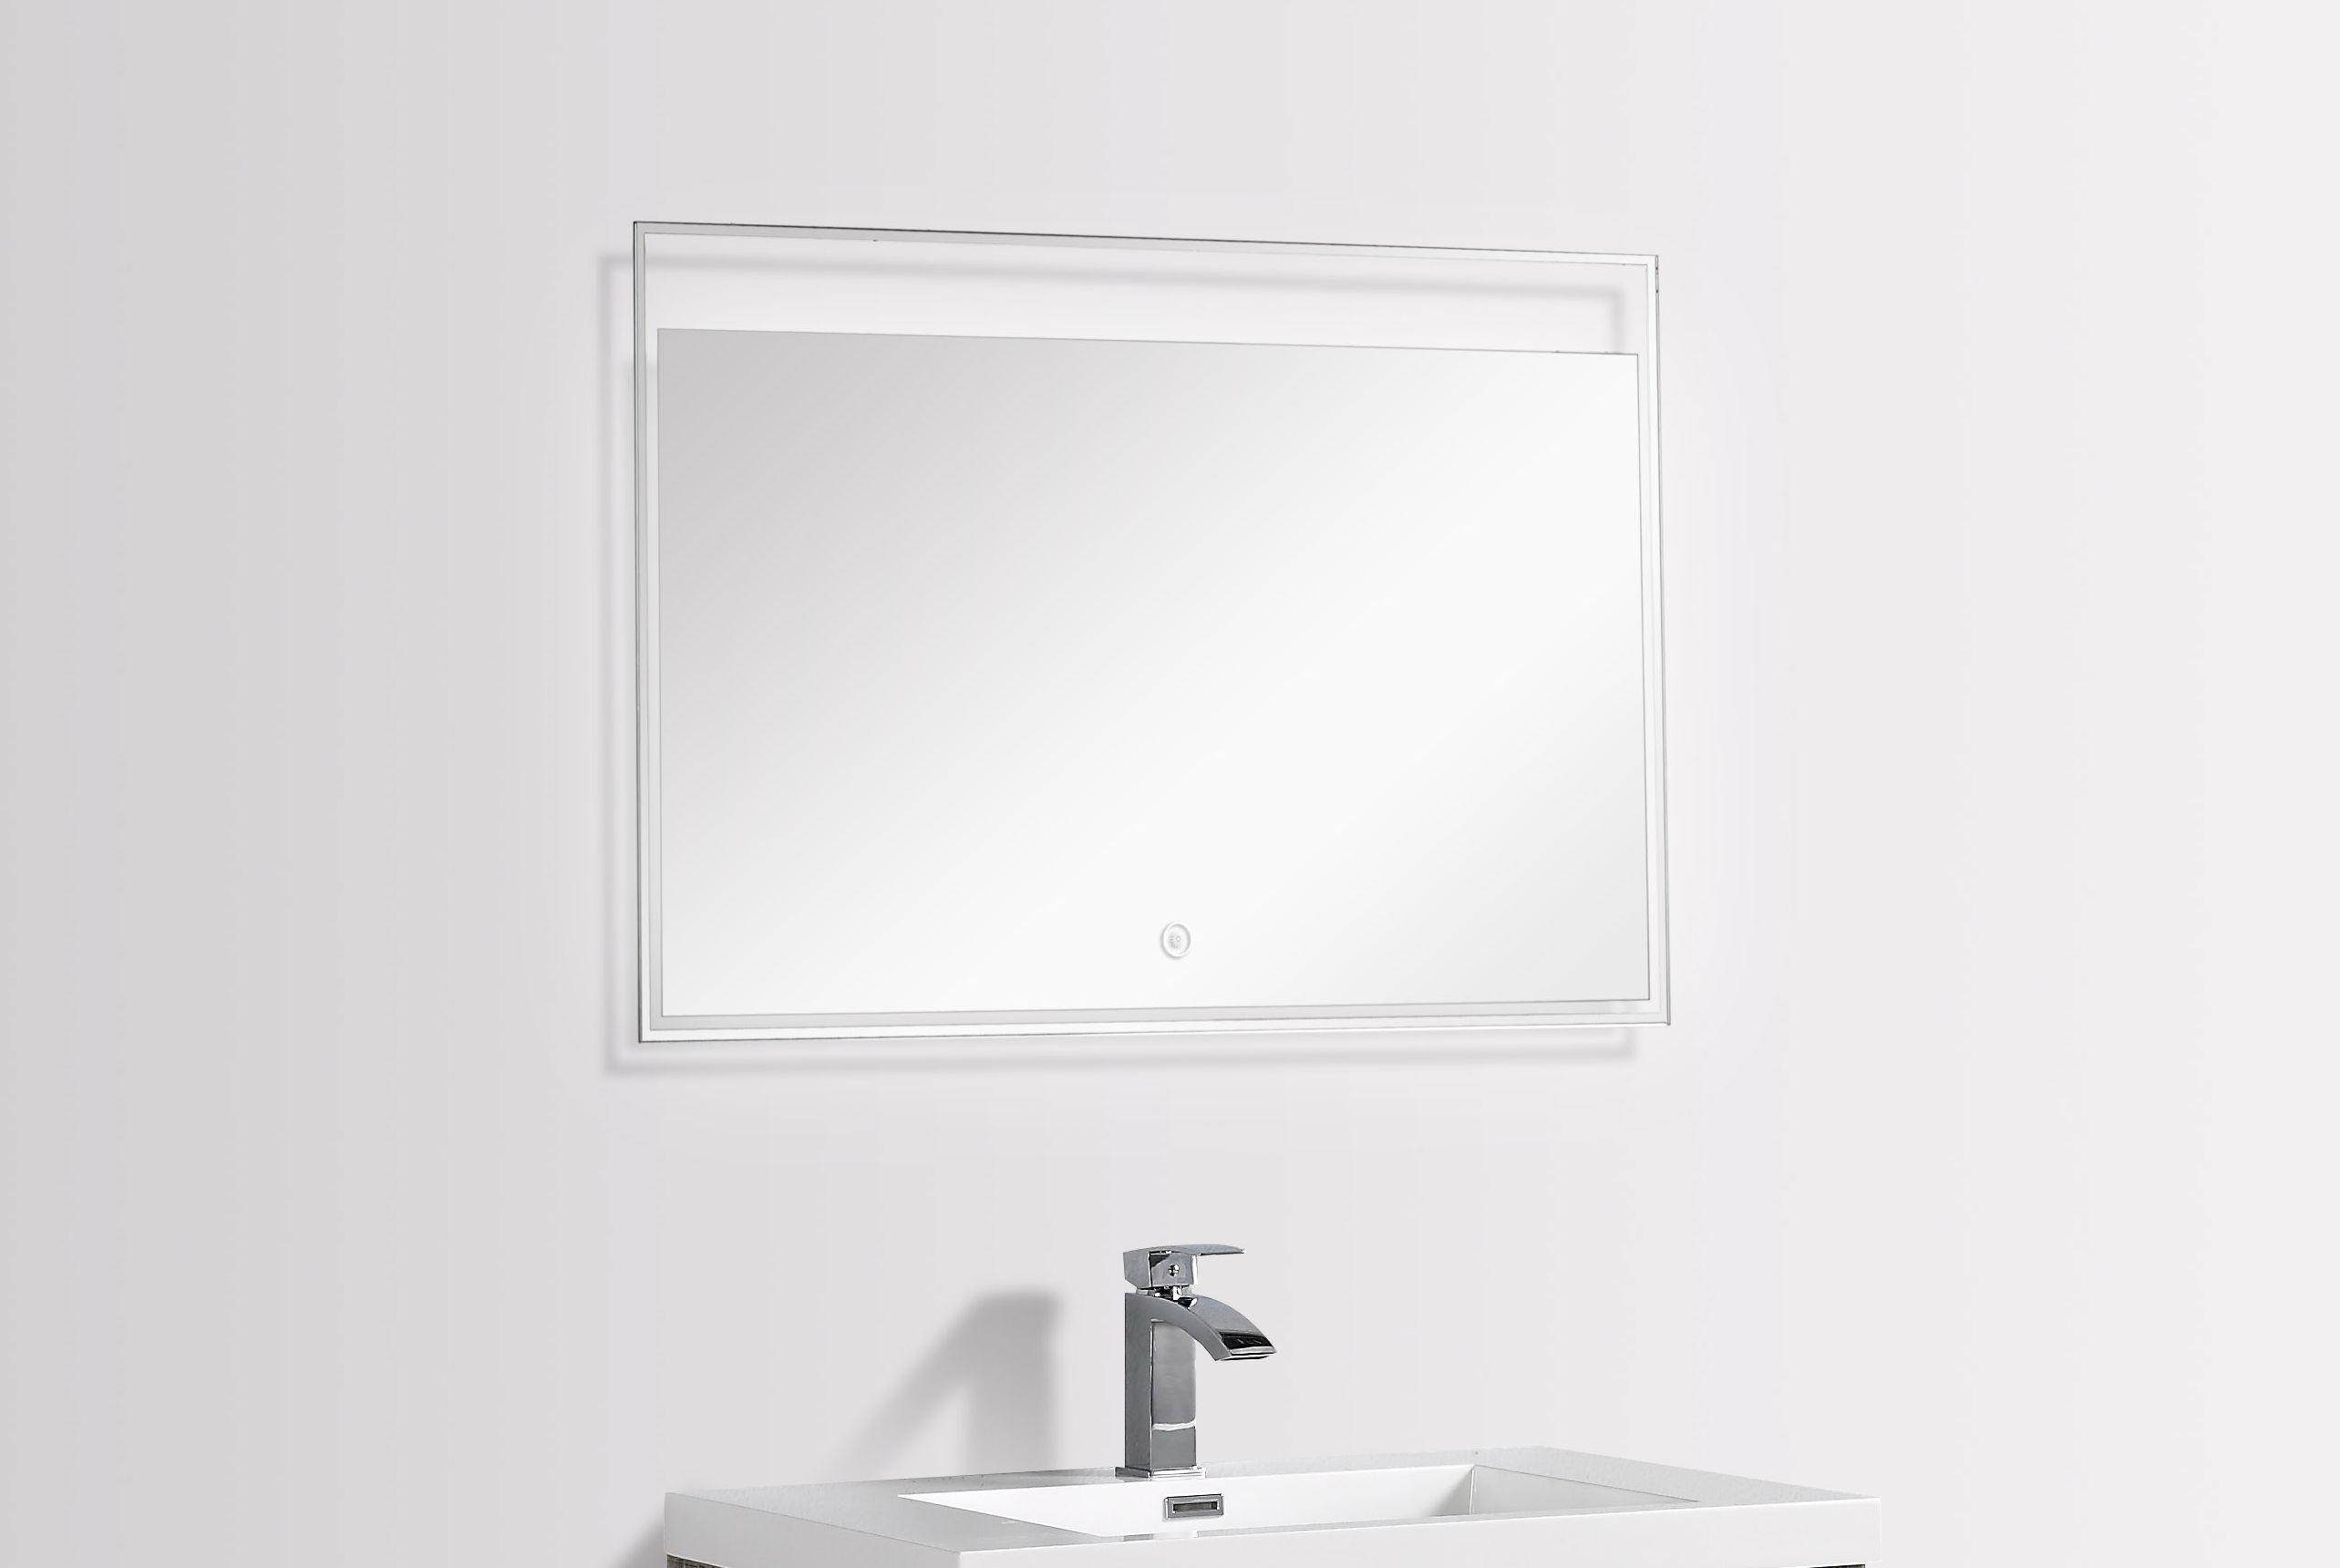 LED Badspiegel FRONTERA 80